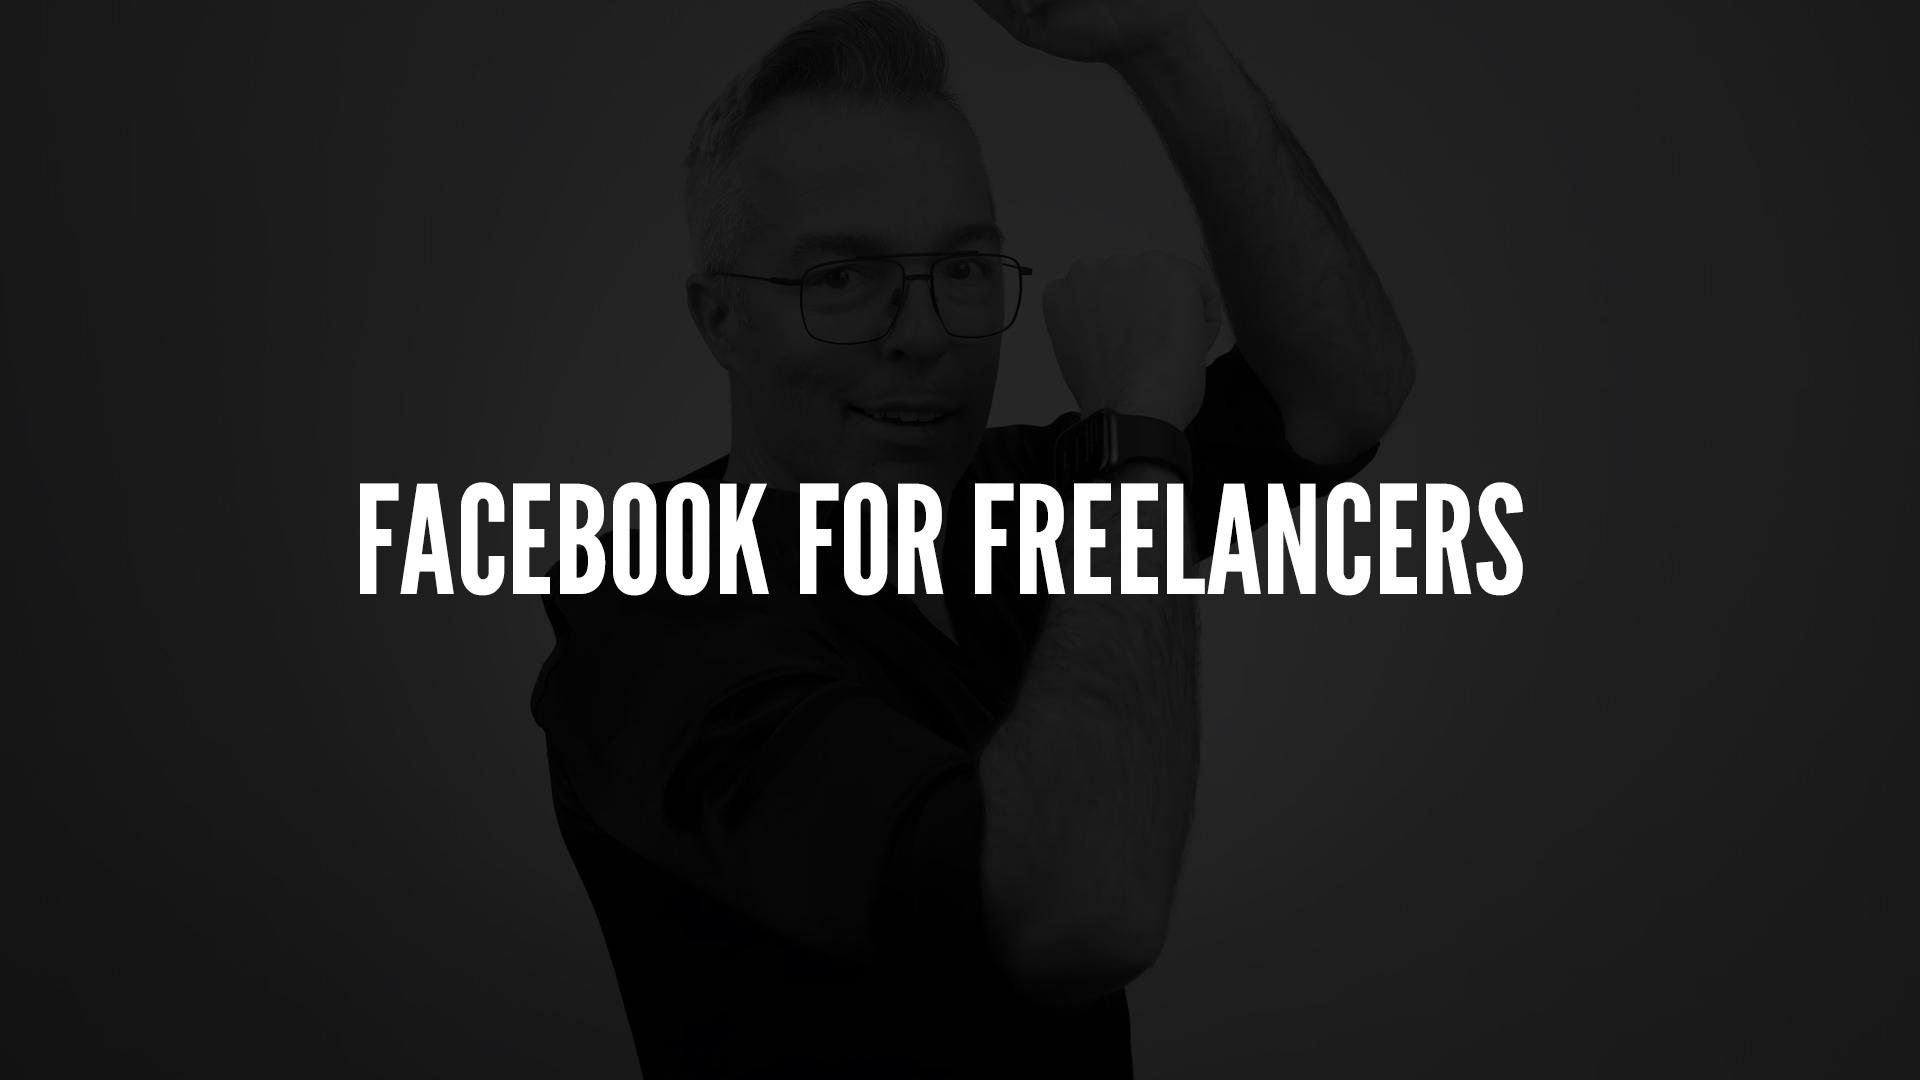 Facebook For Freelancers.jpg